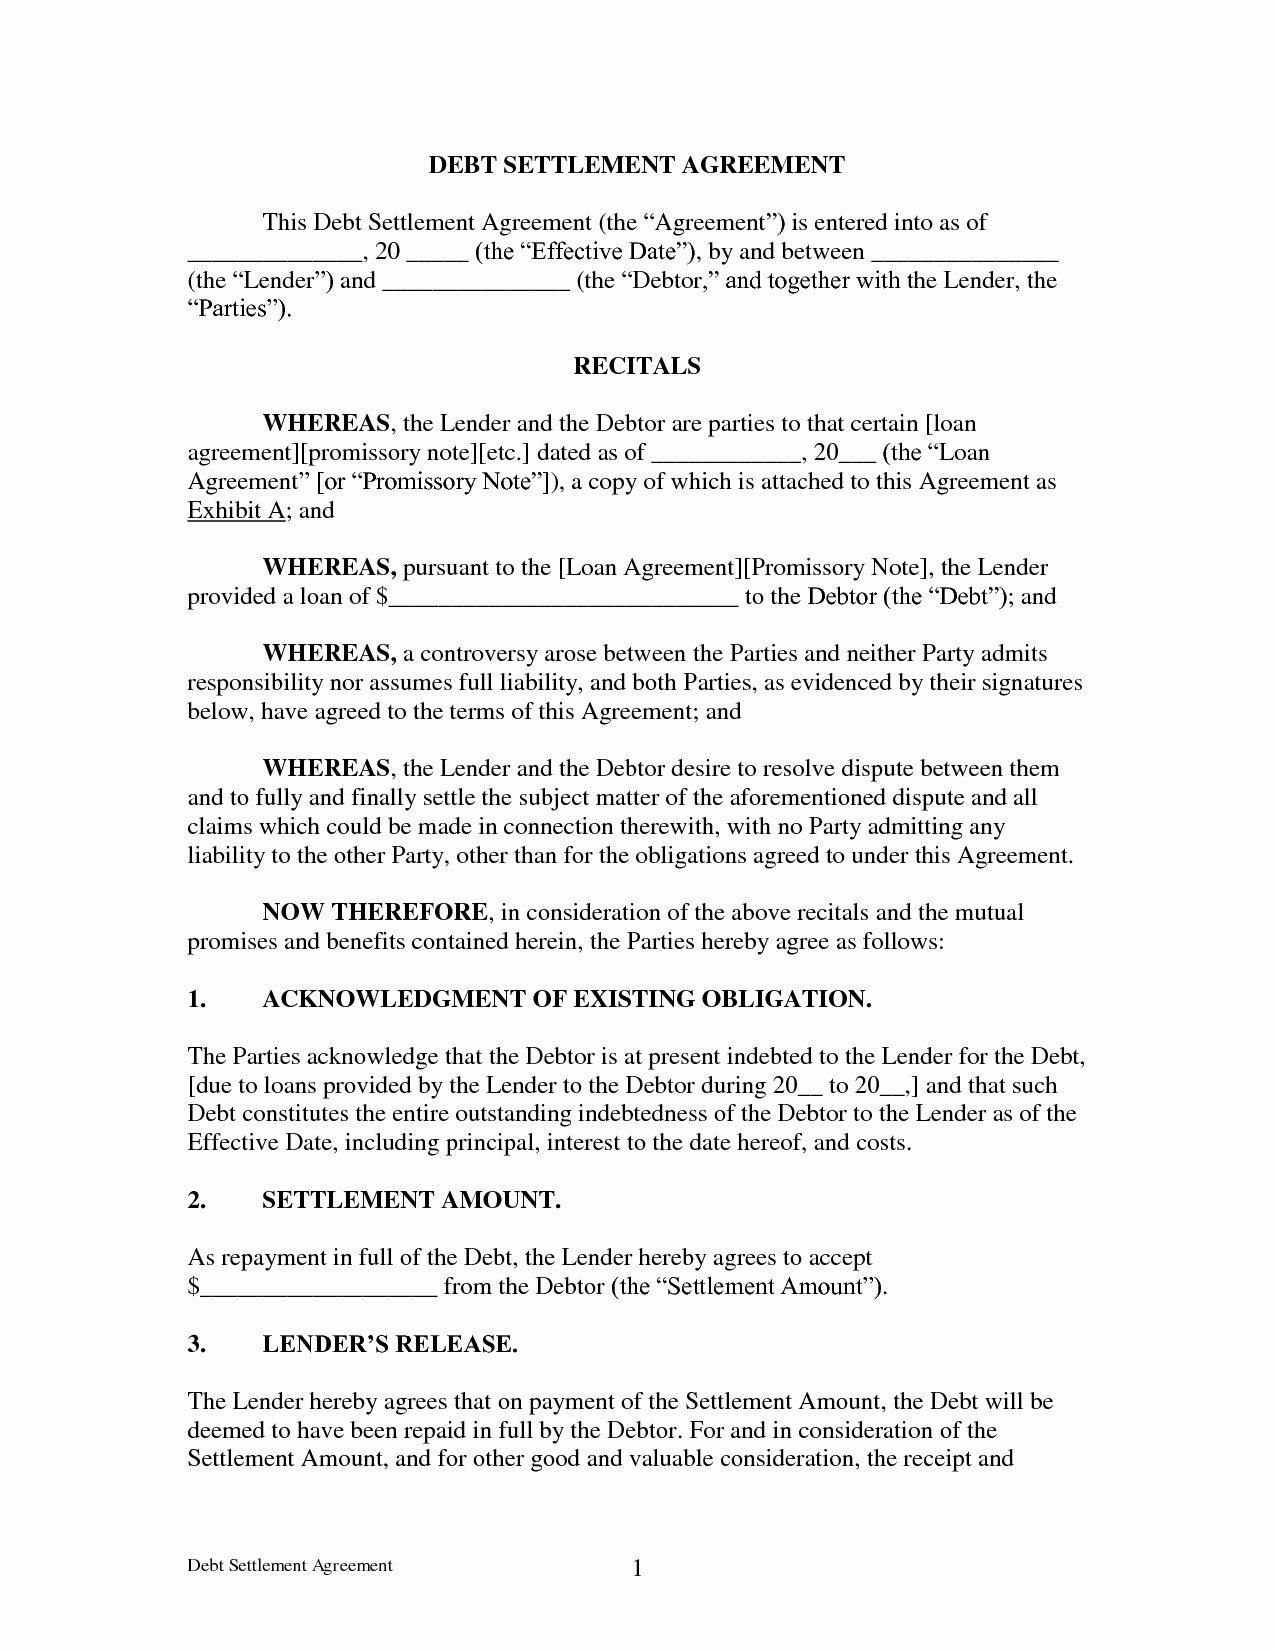 Marriage Settlement Agreement Template New Marriage Settlement Agreement Template Good Agreement Debt